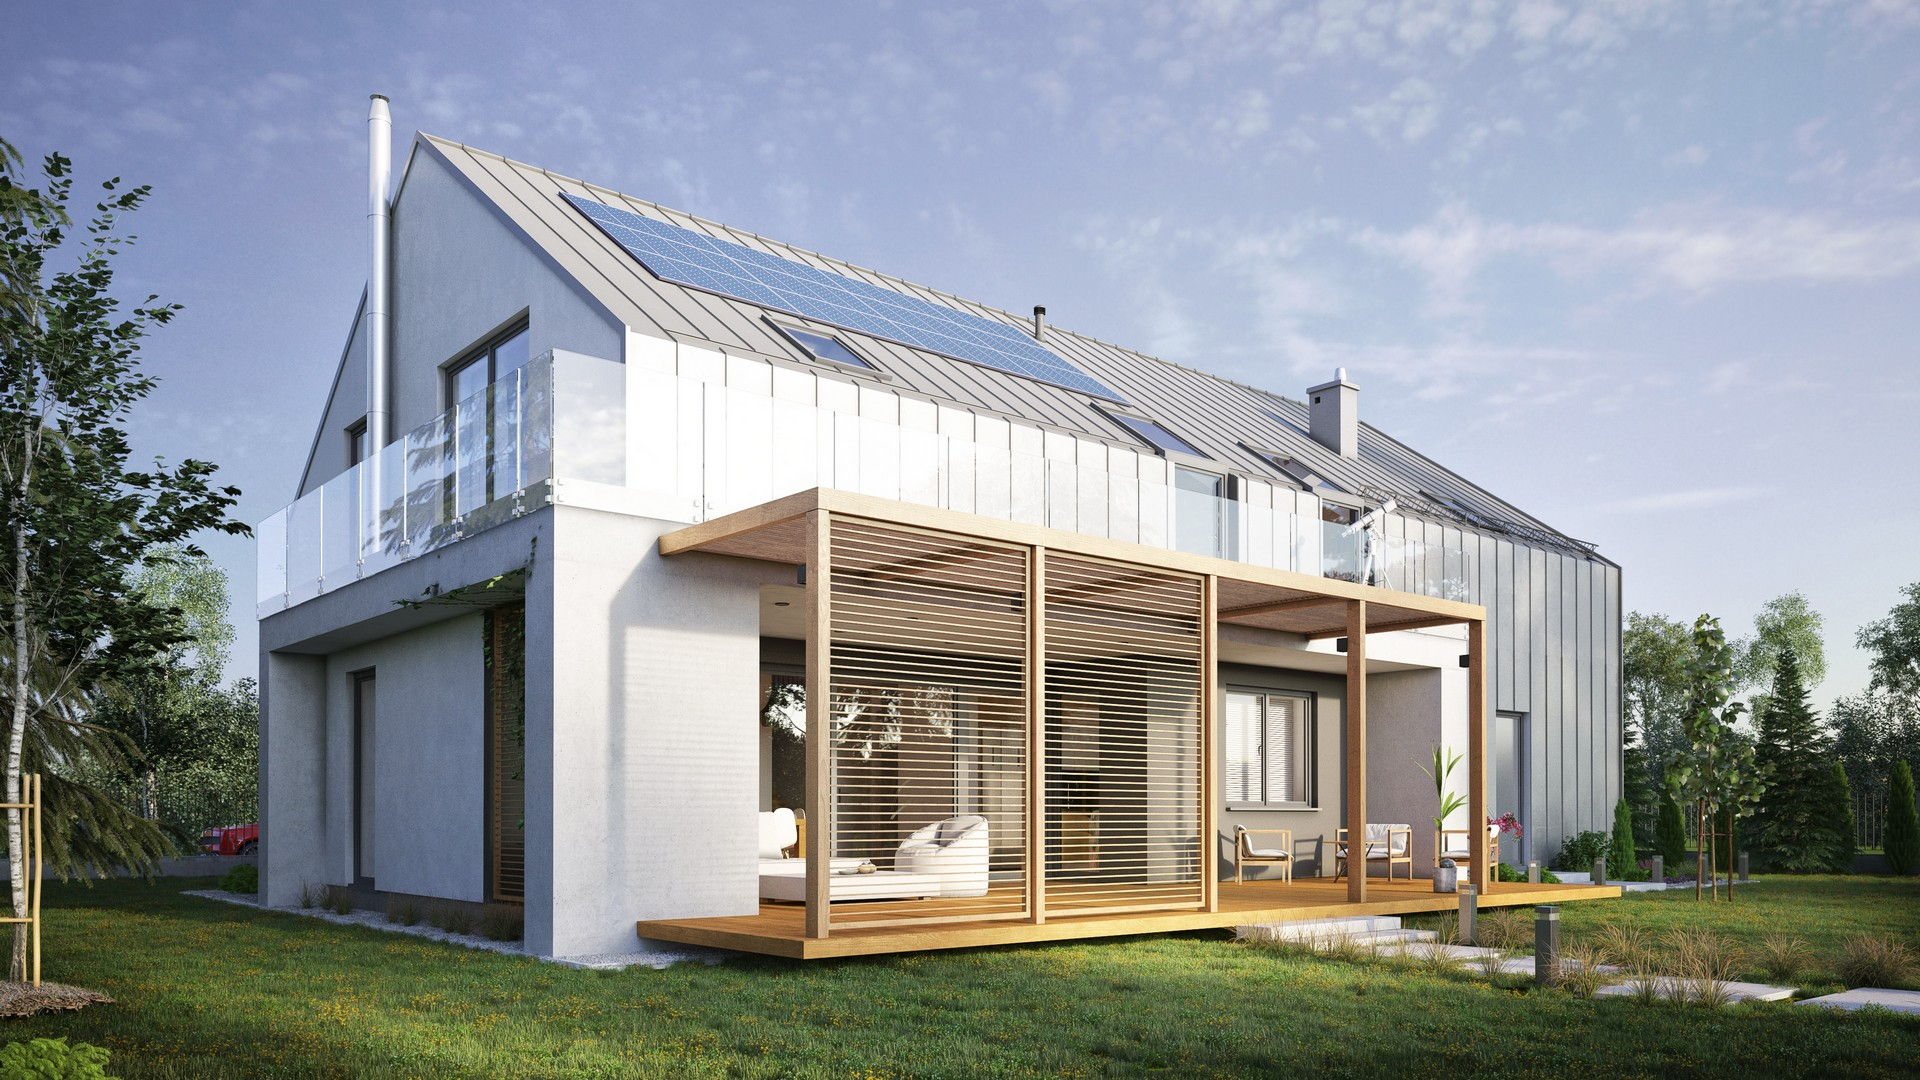 dom jednorodzinny architekt śląsk